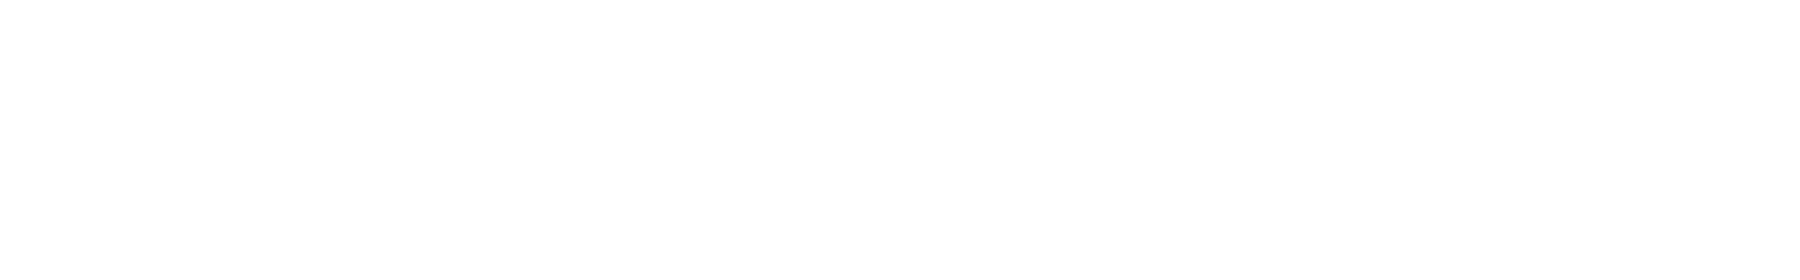 gia sound 08 g2